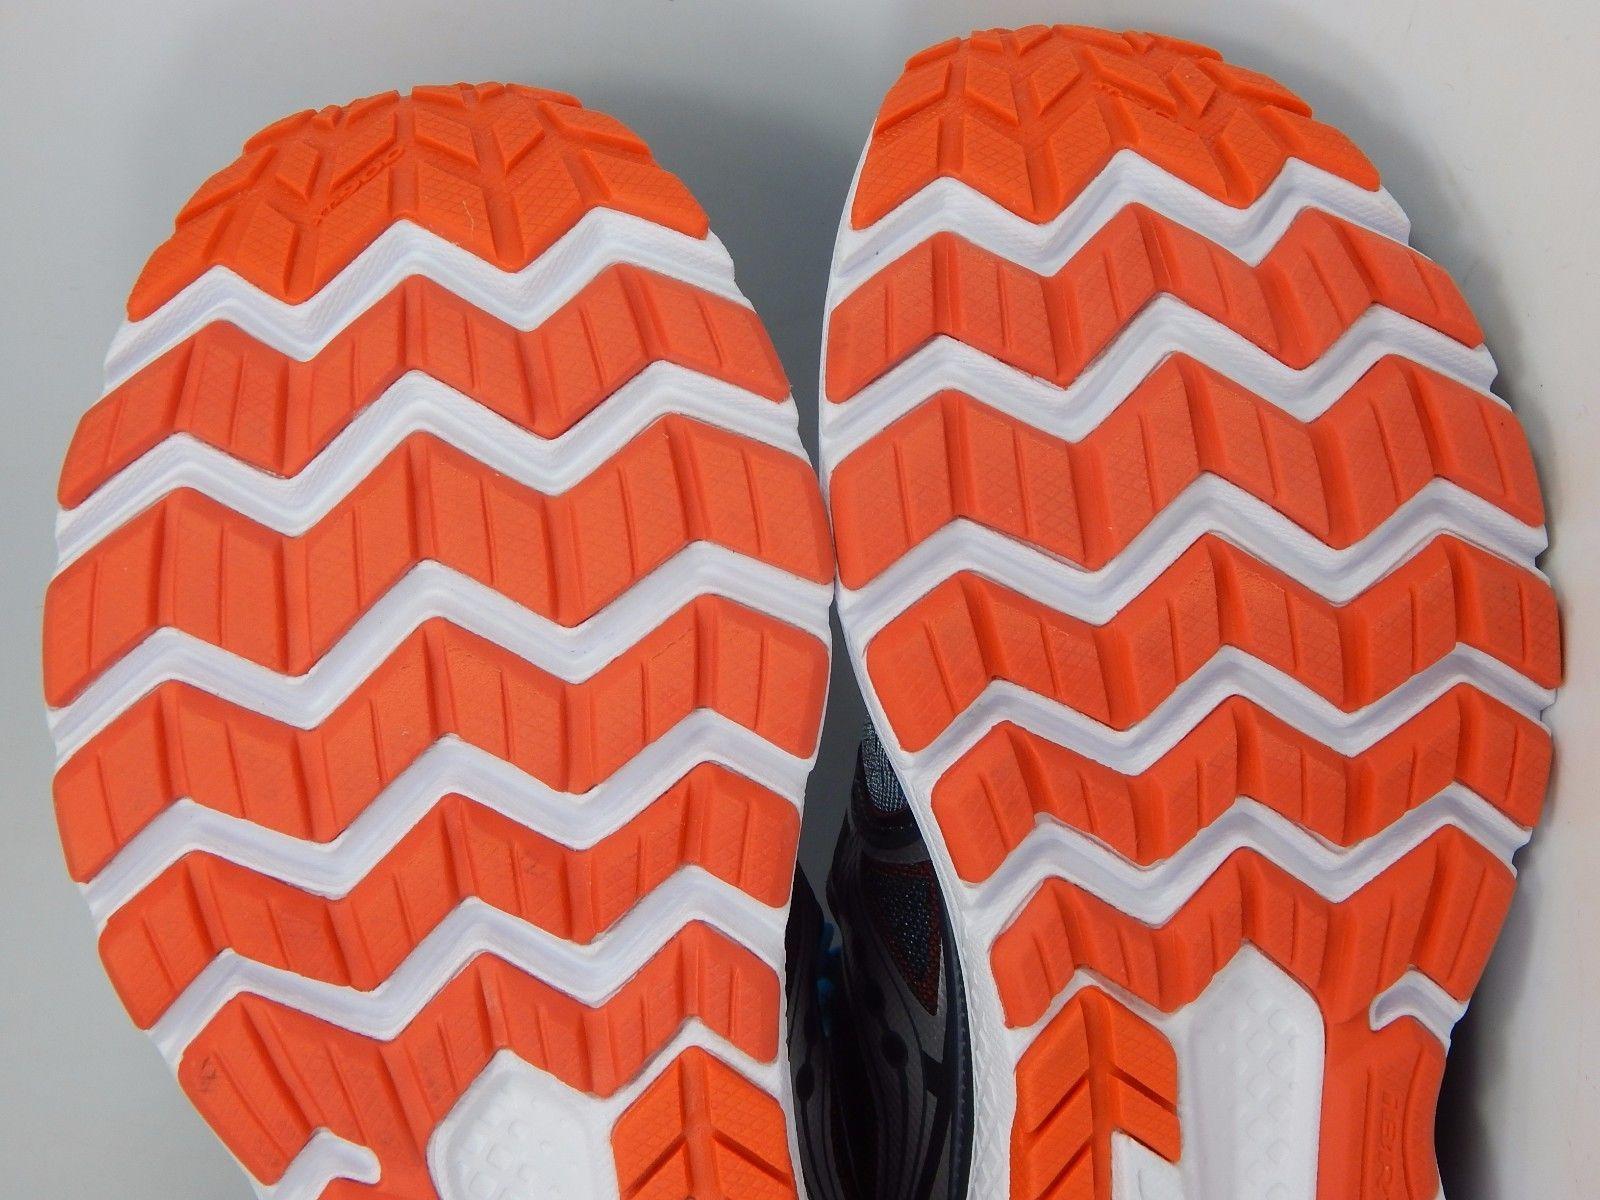 Saucony Triumph ISO 3 Men's Running Shoes Size US 9.5 M (D)  EU 43 Gray S20346-2